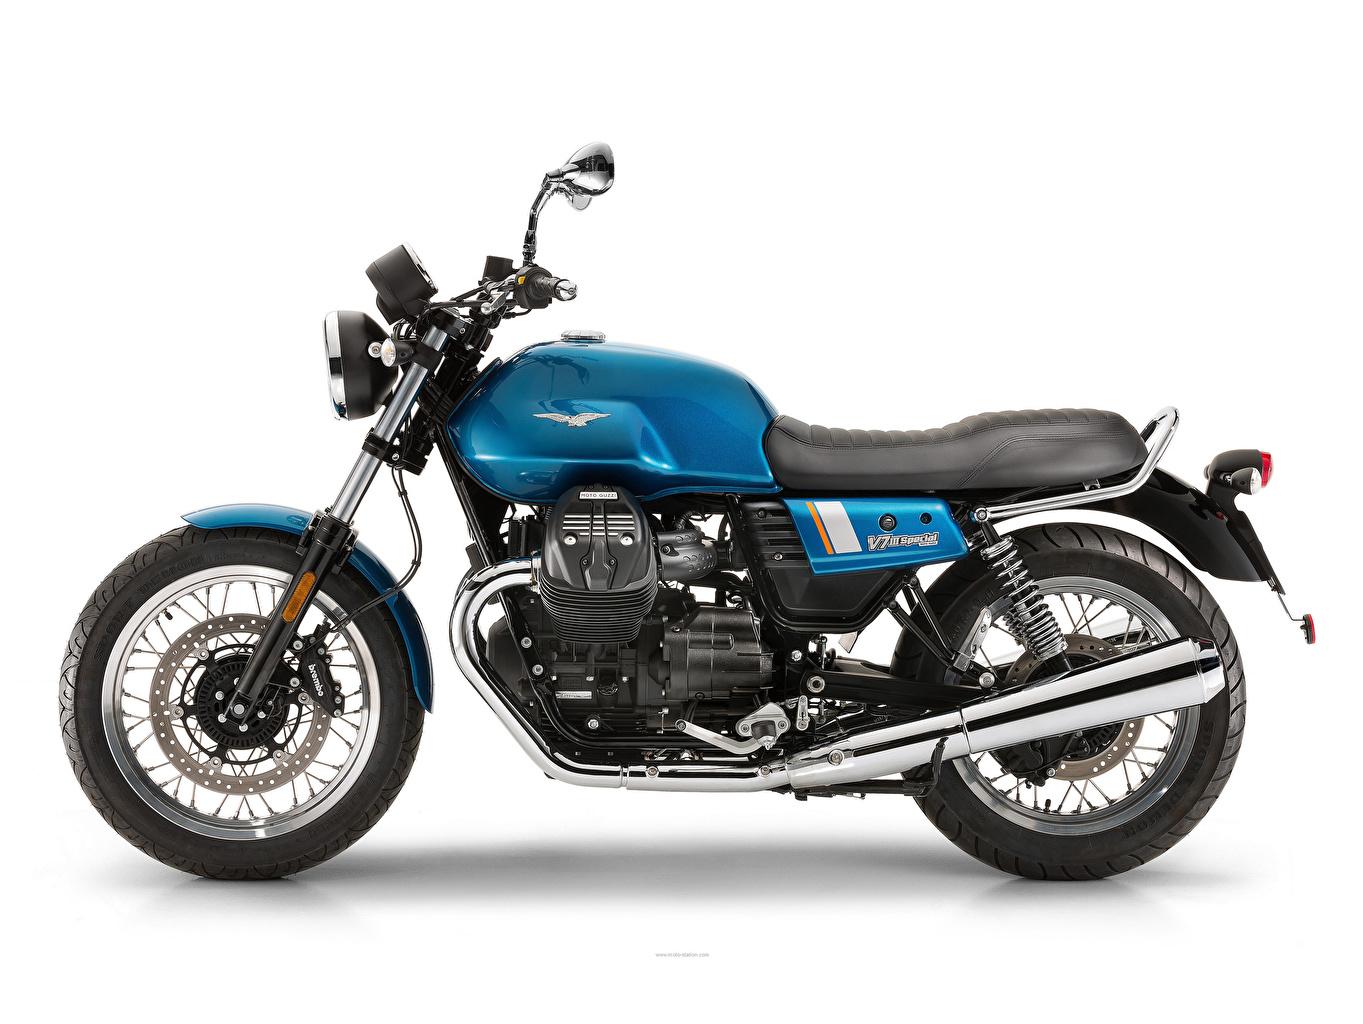 Achtergronden bureaublad 2017-20 Moto Guzzi V7 IIl Special Motorfietsen Zijaanzicht Witte achtergrond motorfiets